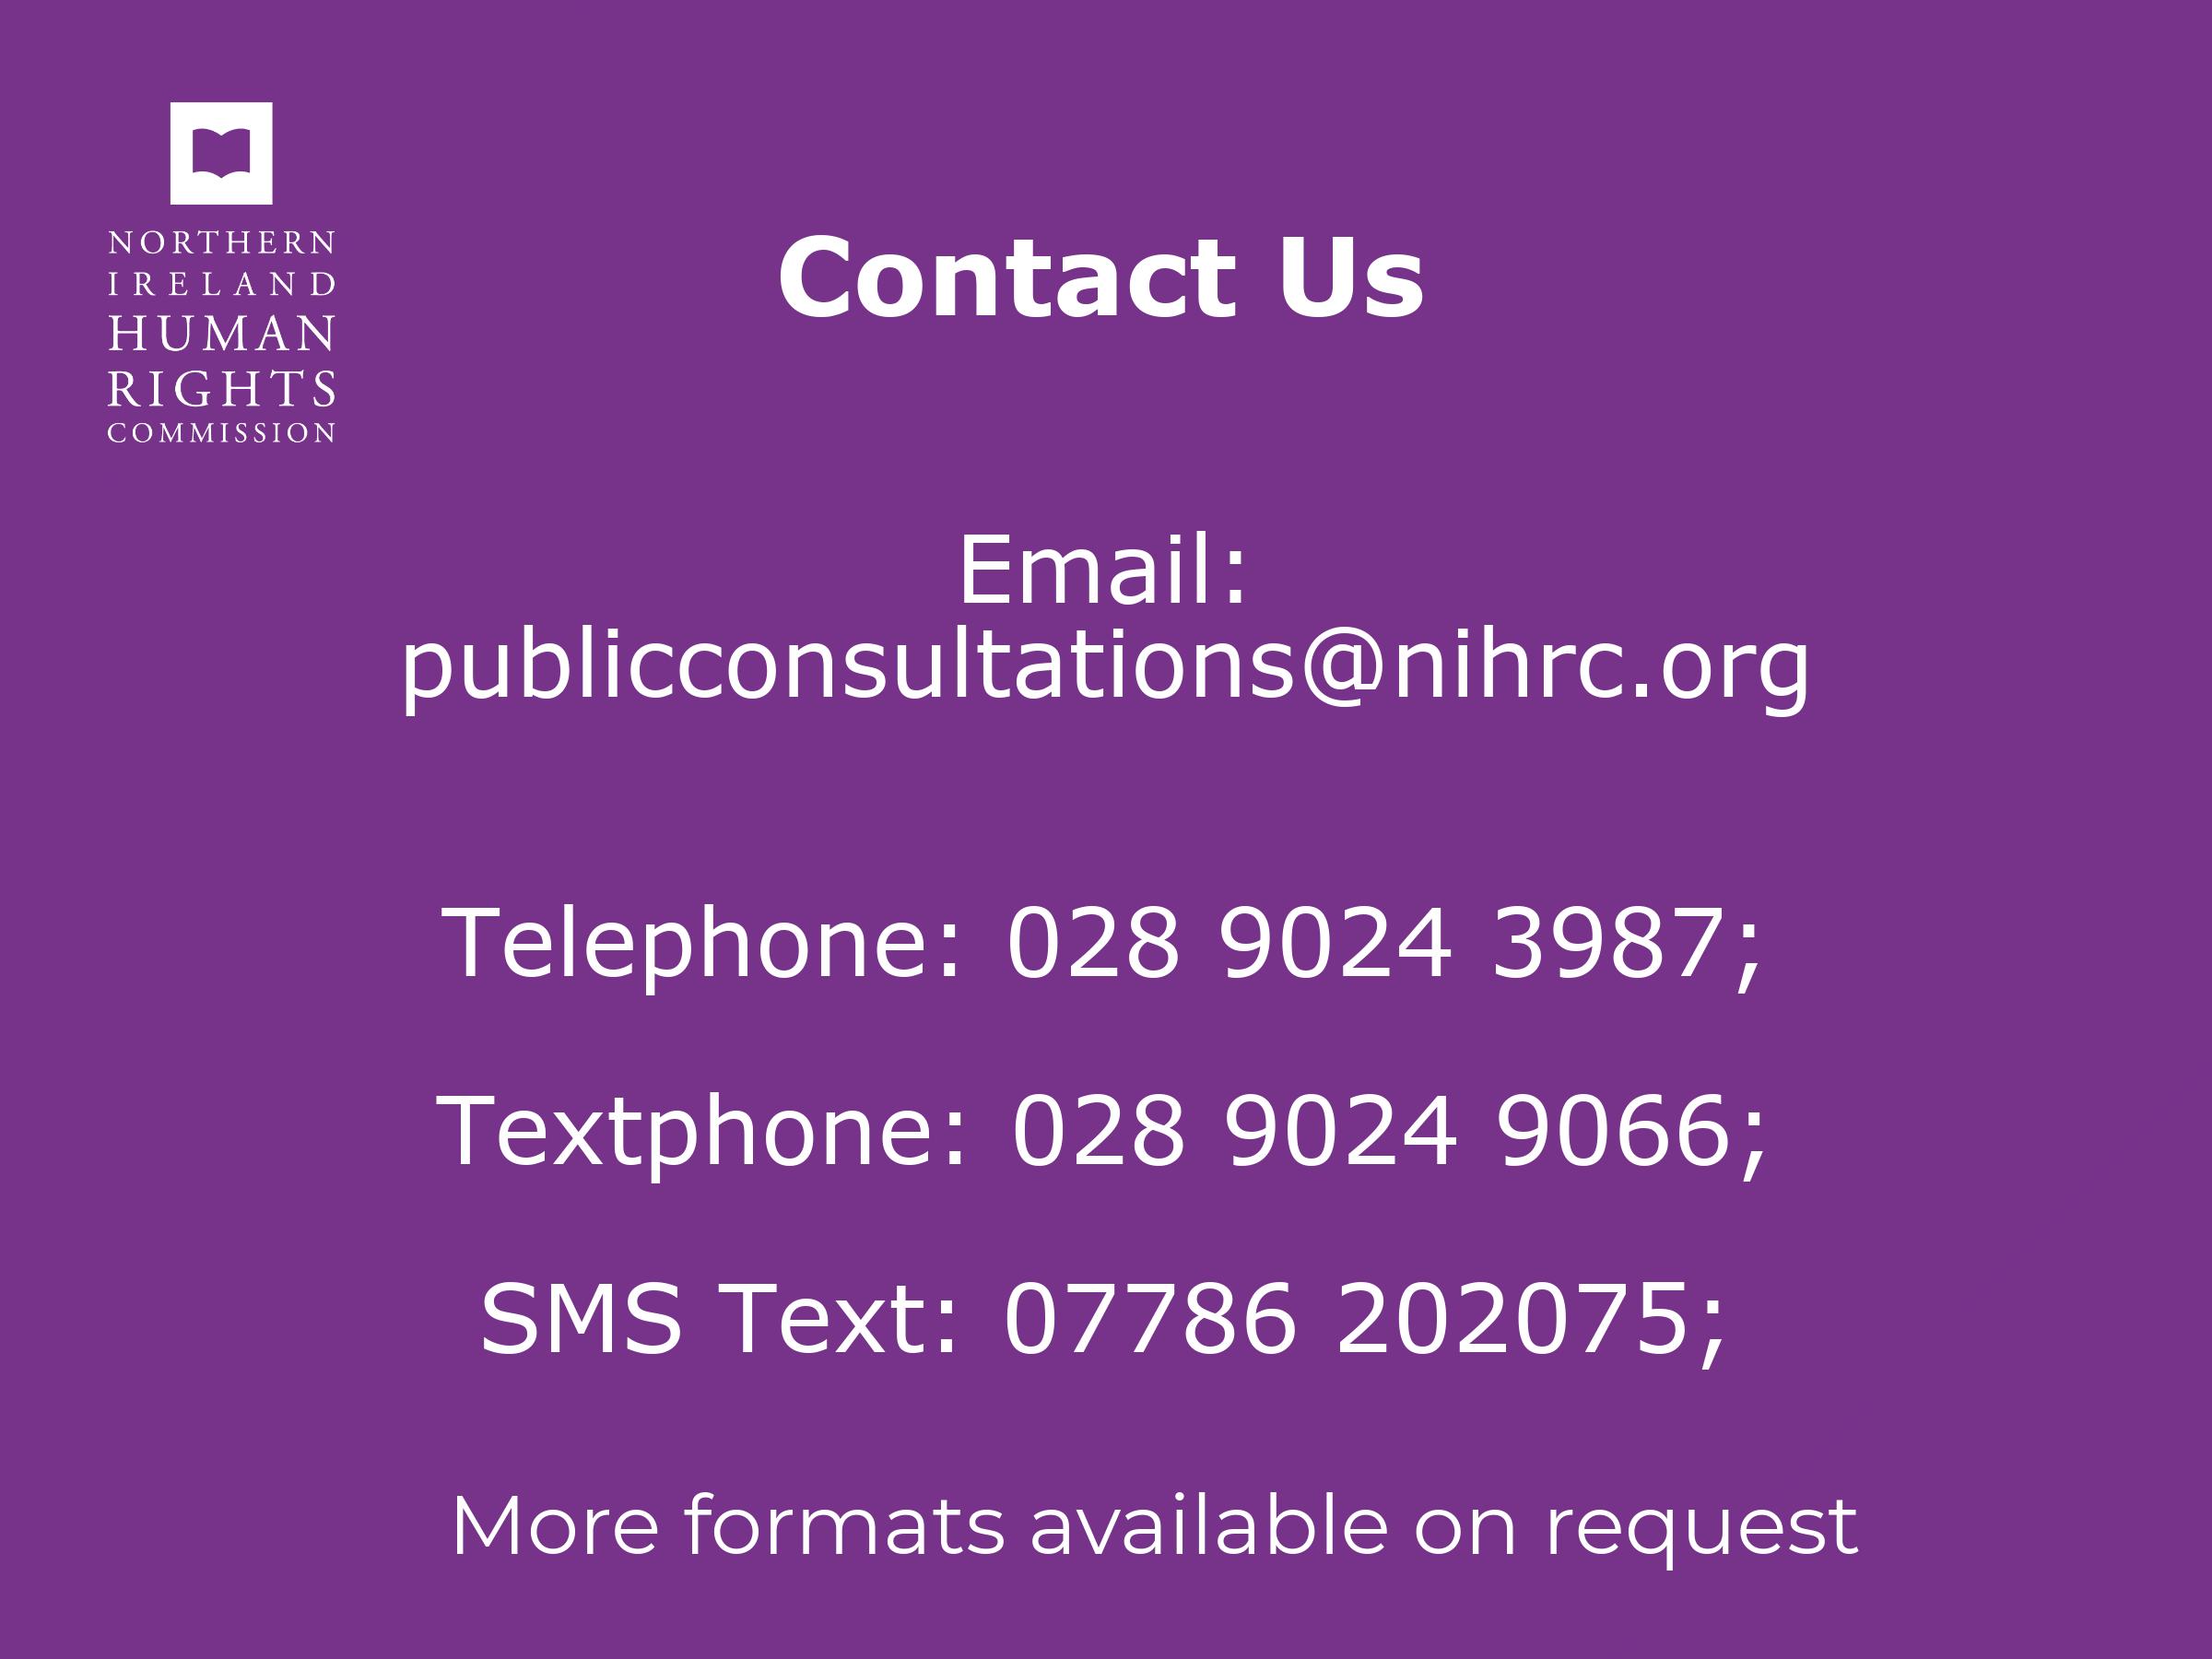 Contact methods